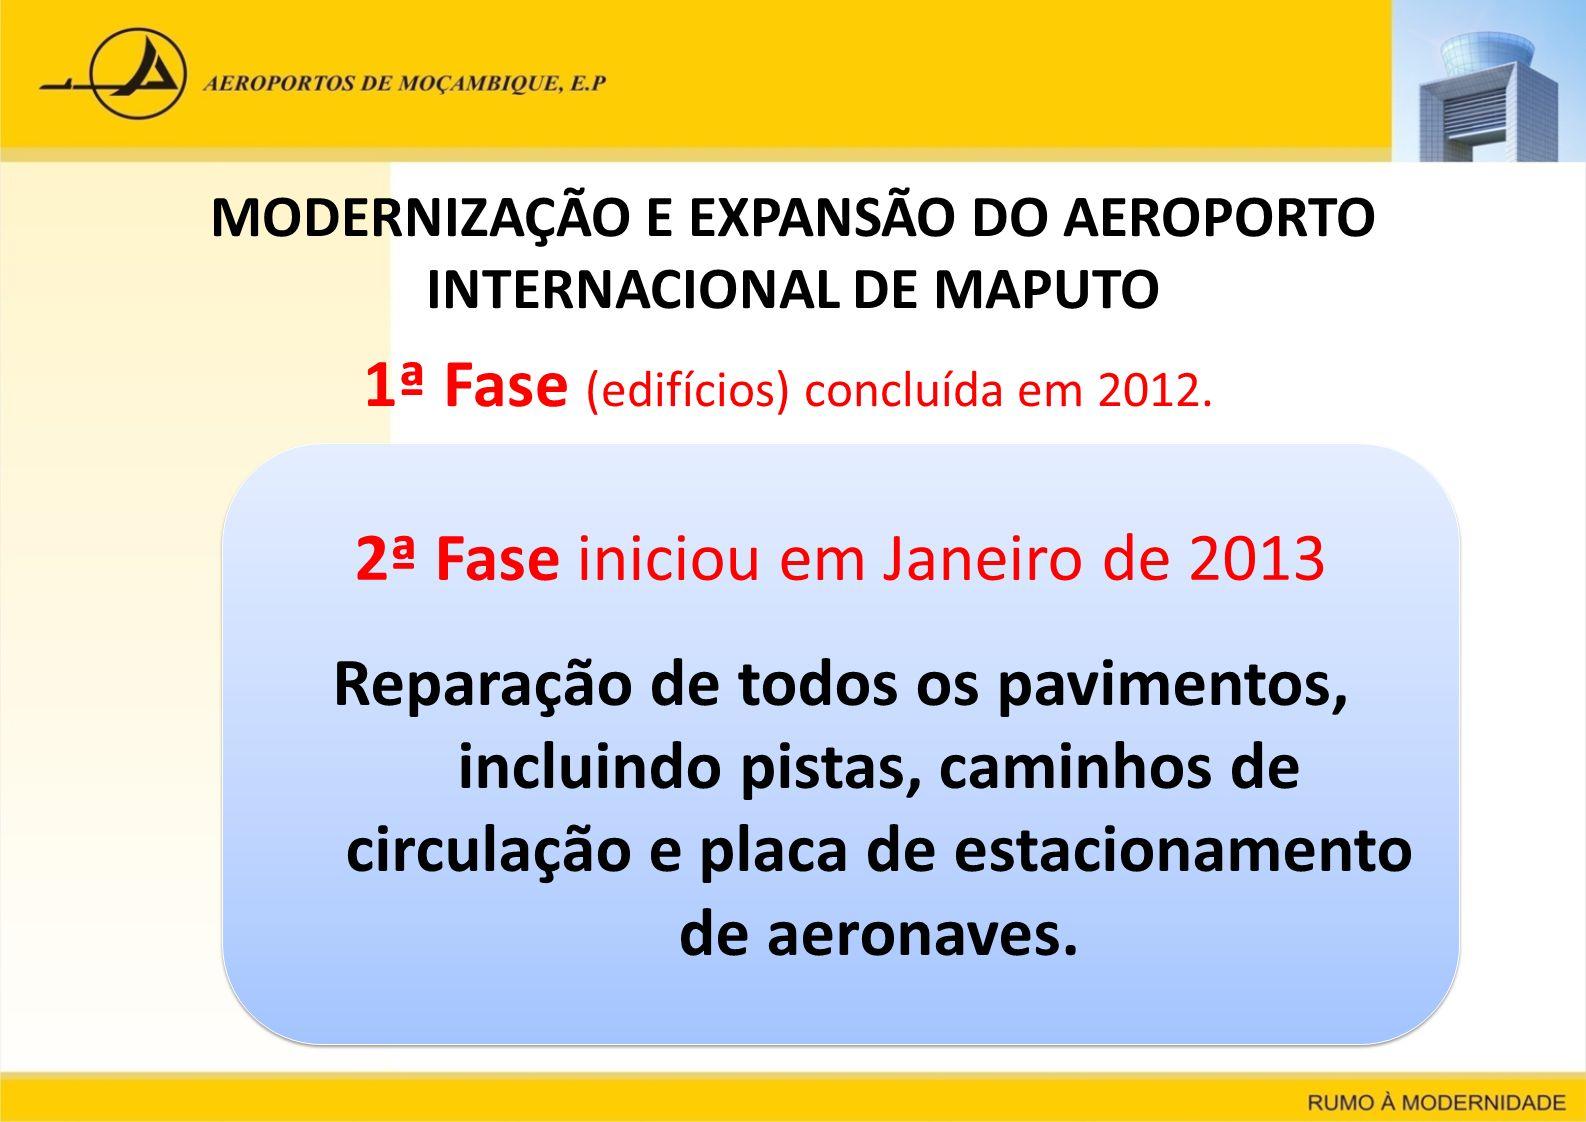 Nacala Airport City   Moçambique Pela sua localização geográfica estratégica, o Aeroporto de Nacala pode vir a desenvolver-se acomodando uma série de vocações paralelas, que não deverão ser Ignoradas, designadamente: O & D – Aeroporto de origem e destino, associado ao desenvolvimento económico da região e, consequentemente, acréscimo de procura; Hub entre voos internacionais e domésticos/internacionais de médio curso; Hub de carga – em aviões dedicados ou carga em aviões de transporte de passageiros; Hub de carga intermodal (ar, terra e mar) Centro estratégico de aviação geral; Aeroporto Sede de companhias de aviação